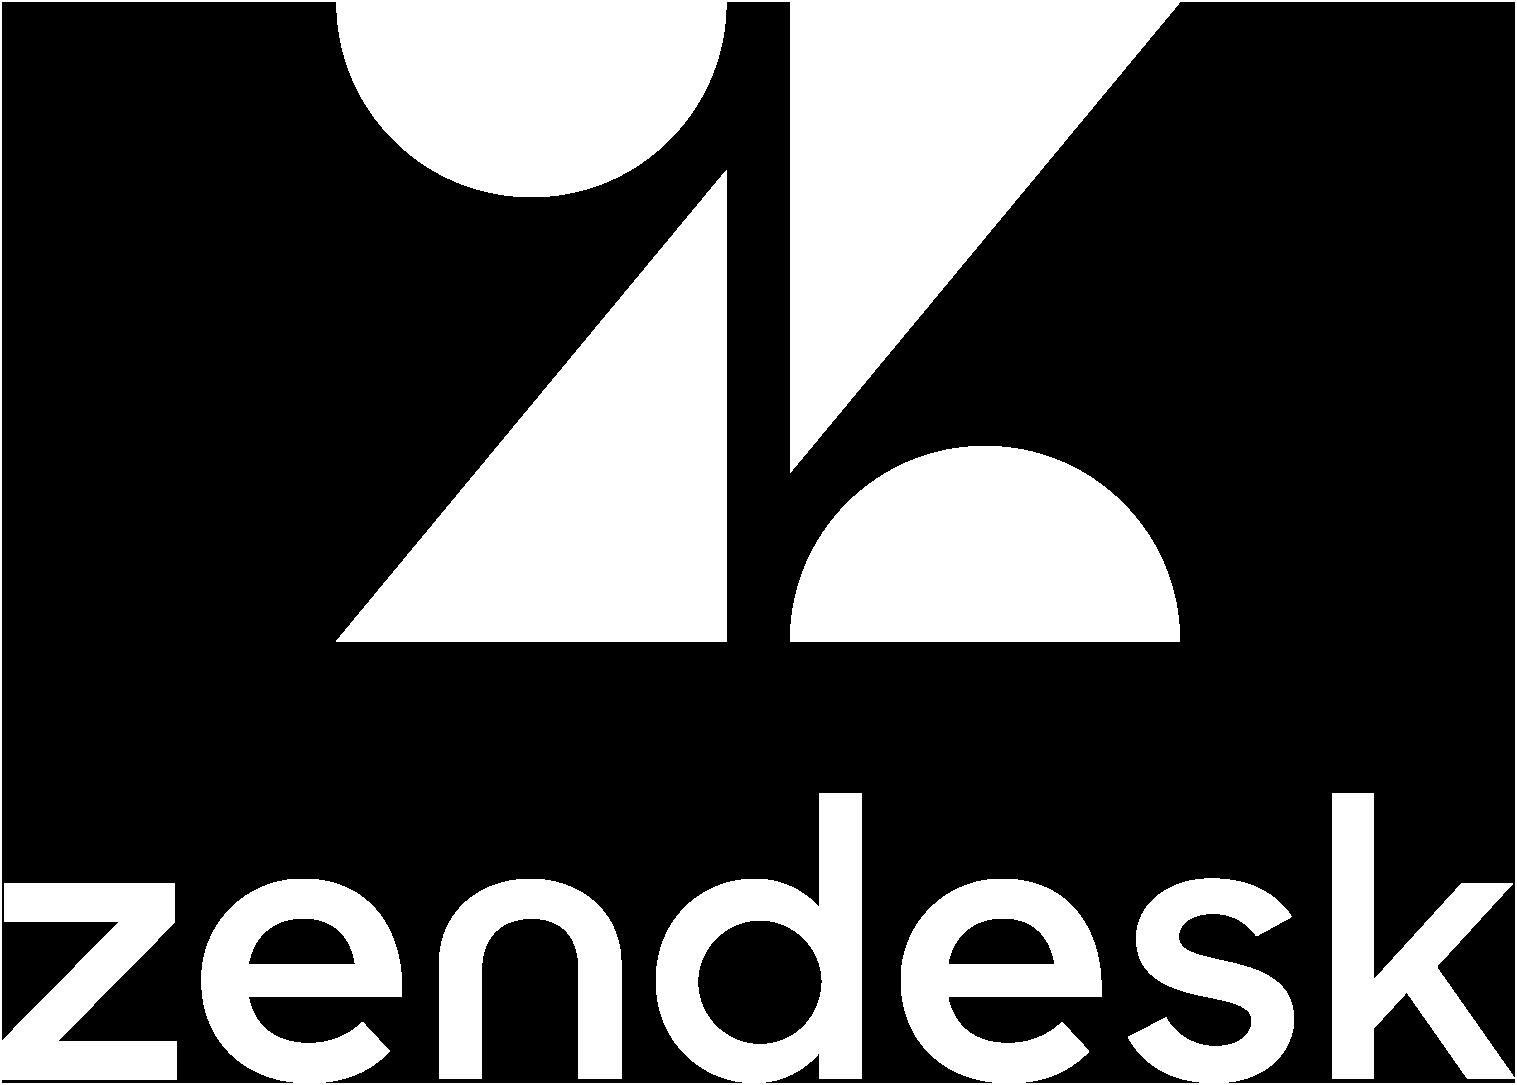 Zendesk - Madison, WI location, headshot photography